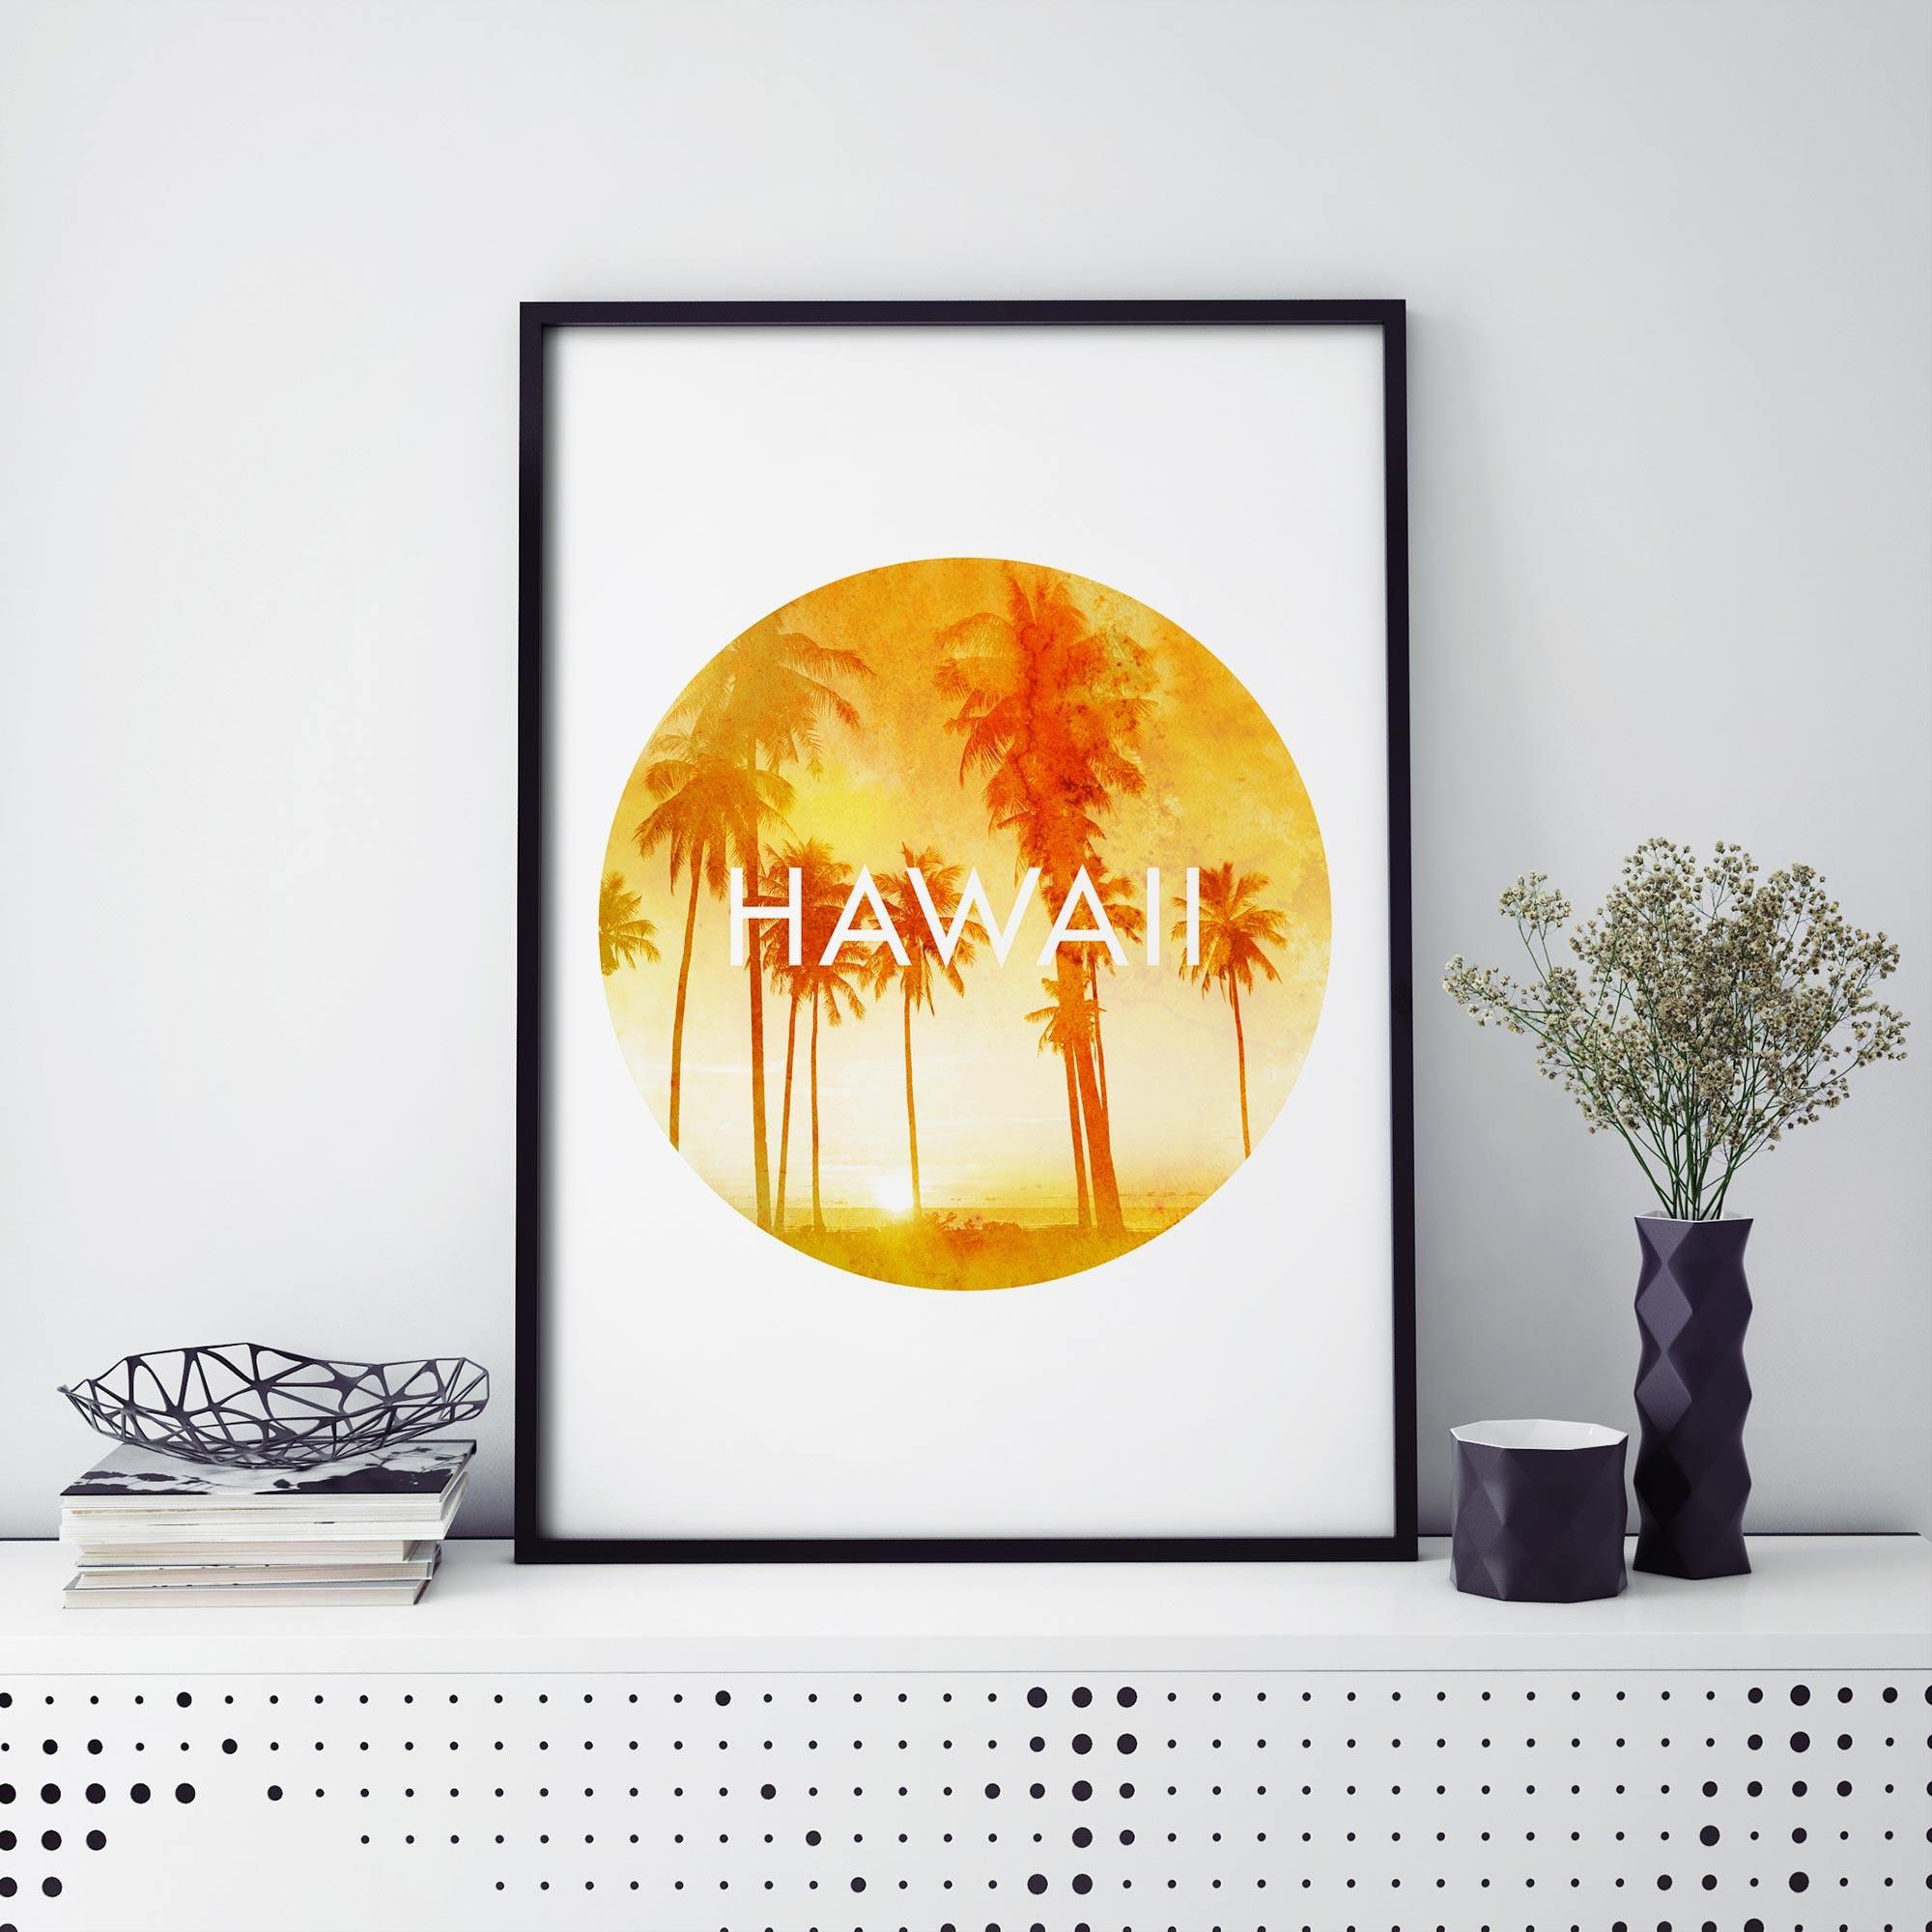 Hawaii Palm Trees Watercolour Print Wall Art 4x6 5x7 A4 A3